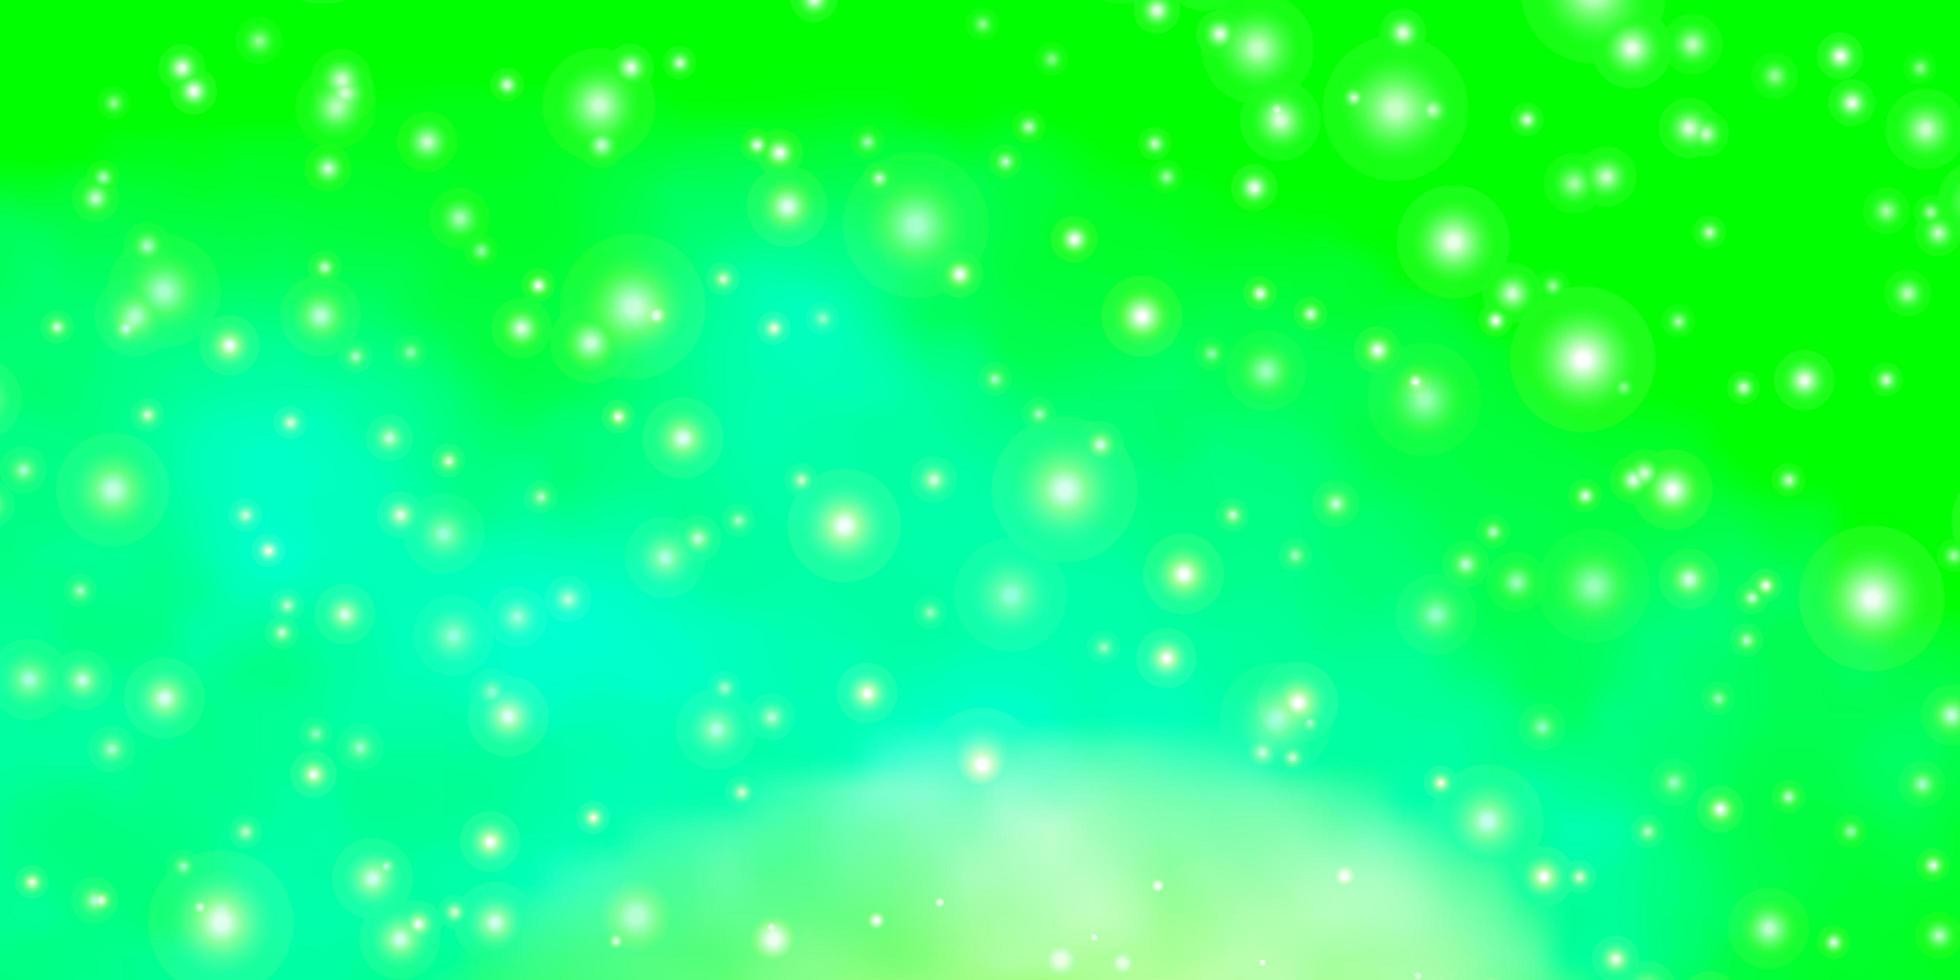 fond vert clair avec de petites et grandes étoiles. vecteur